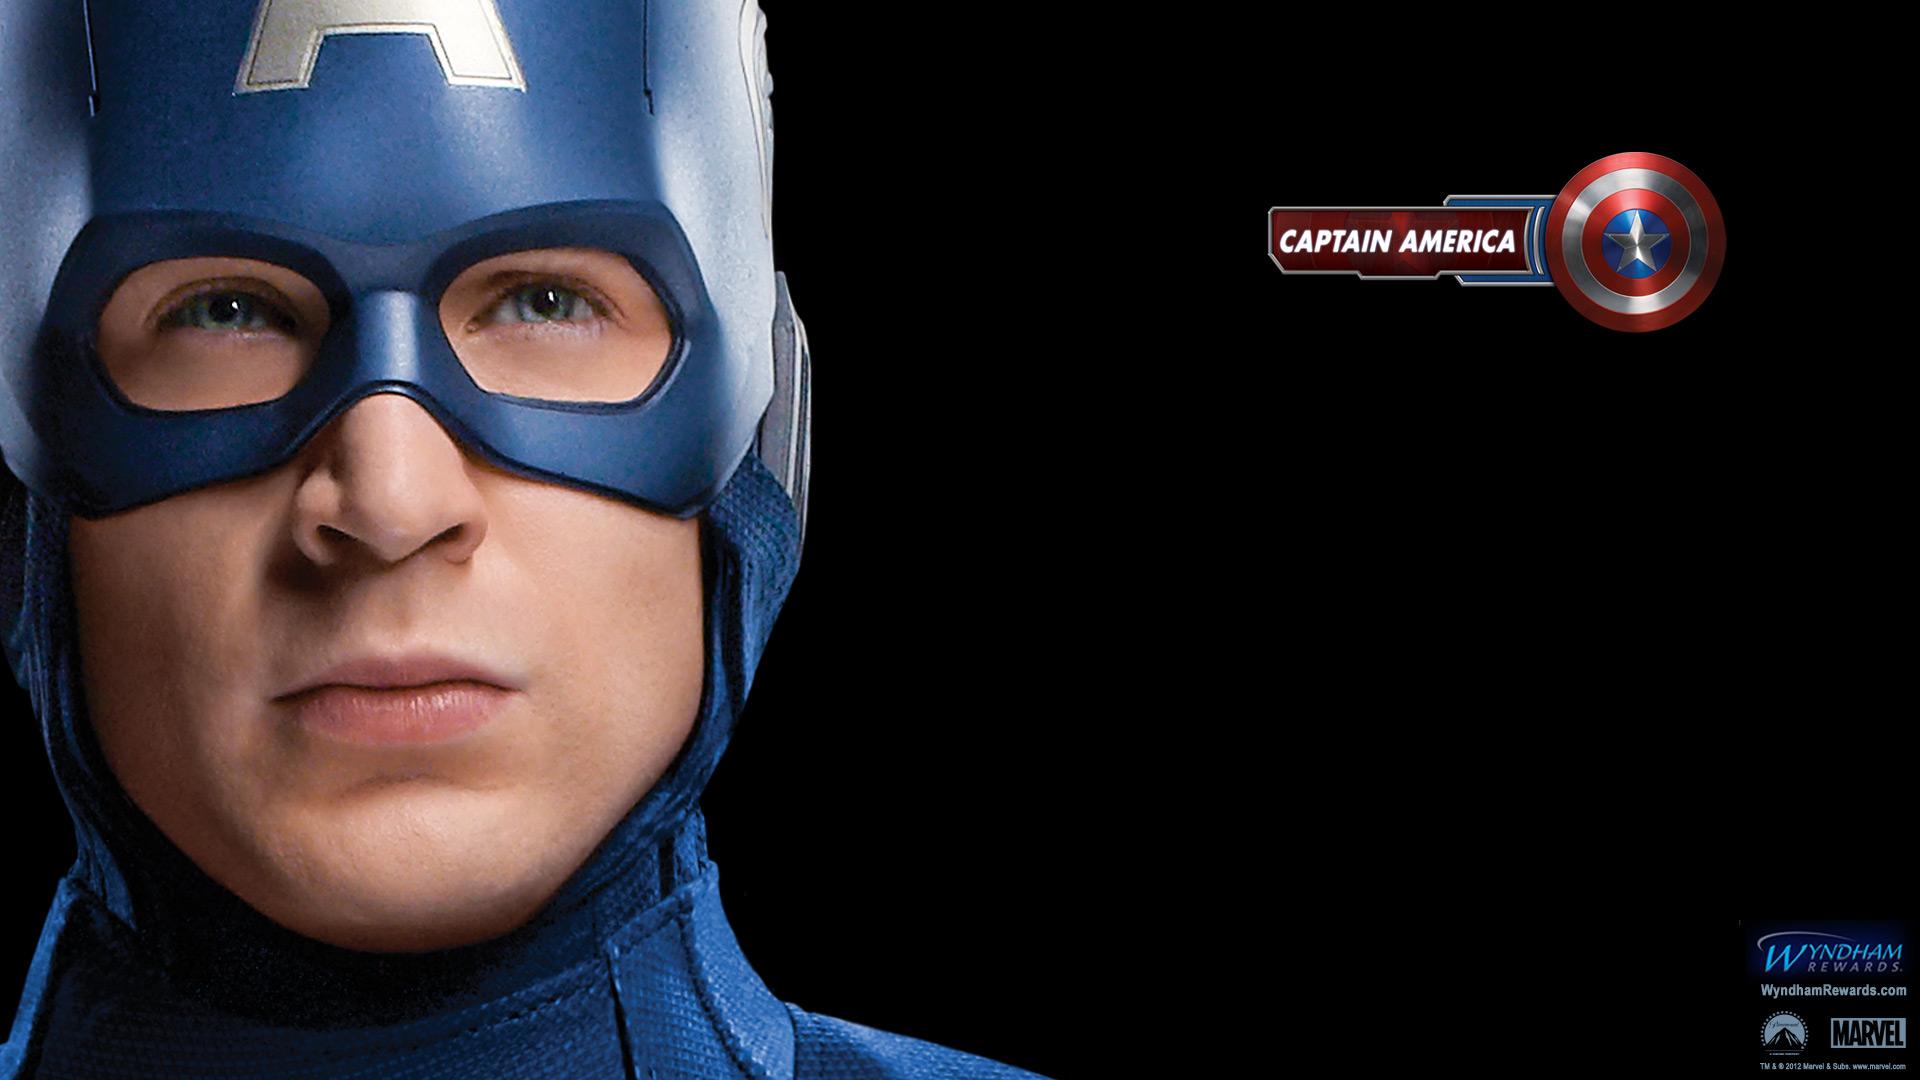 Captain America   The Avengers Wallpaper 30730395 1920x1080